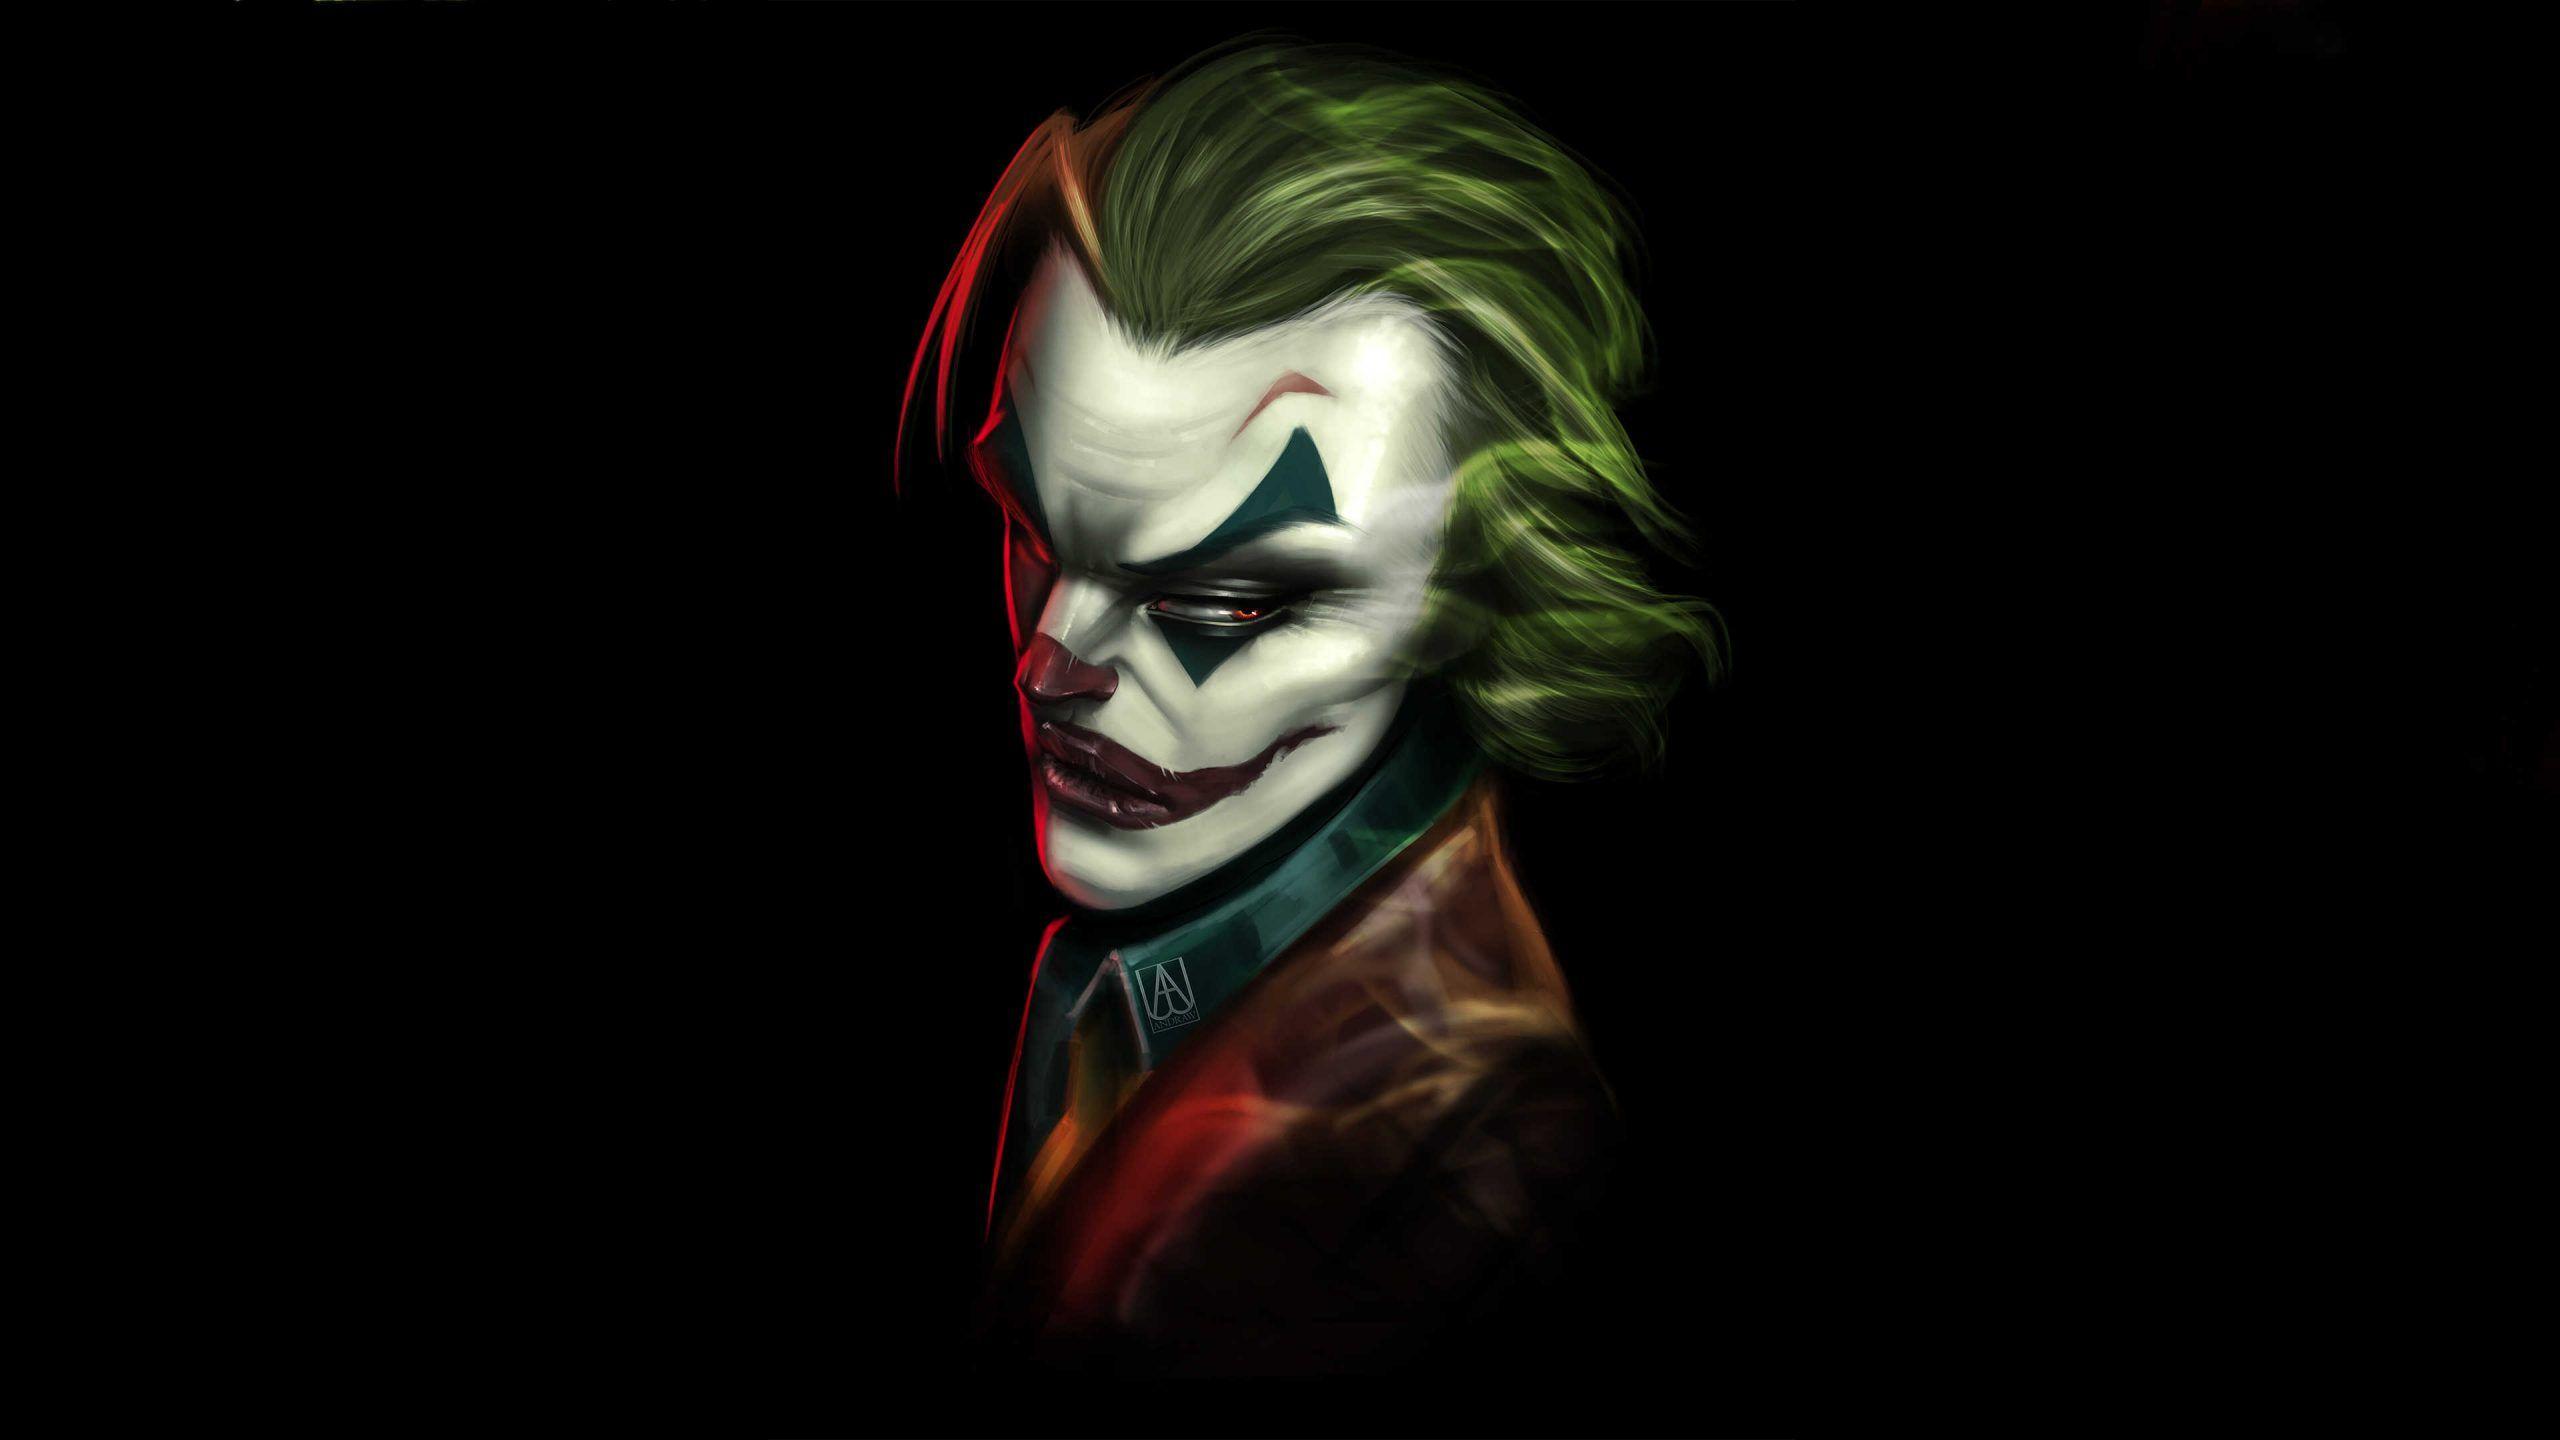 Joker Hd Wallpaper 4k Download For Pc In 2021 Joker Animated Joker Hd Wallpaper Joker Wallpapers